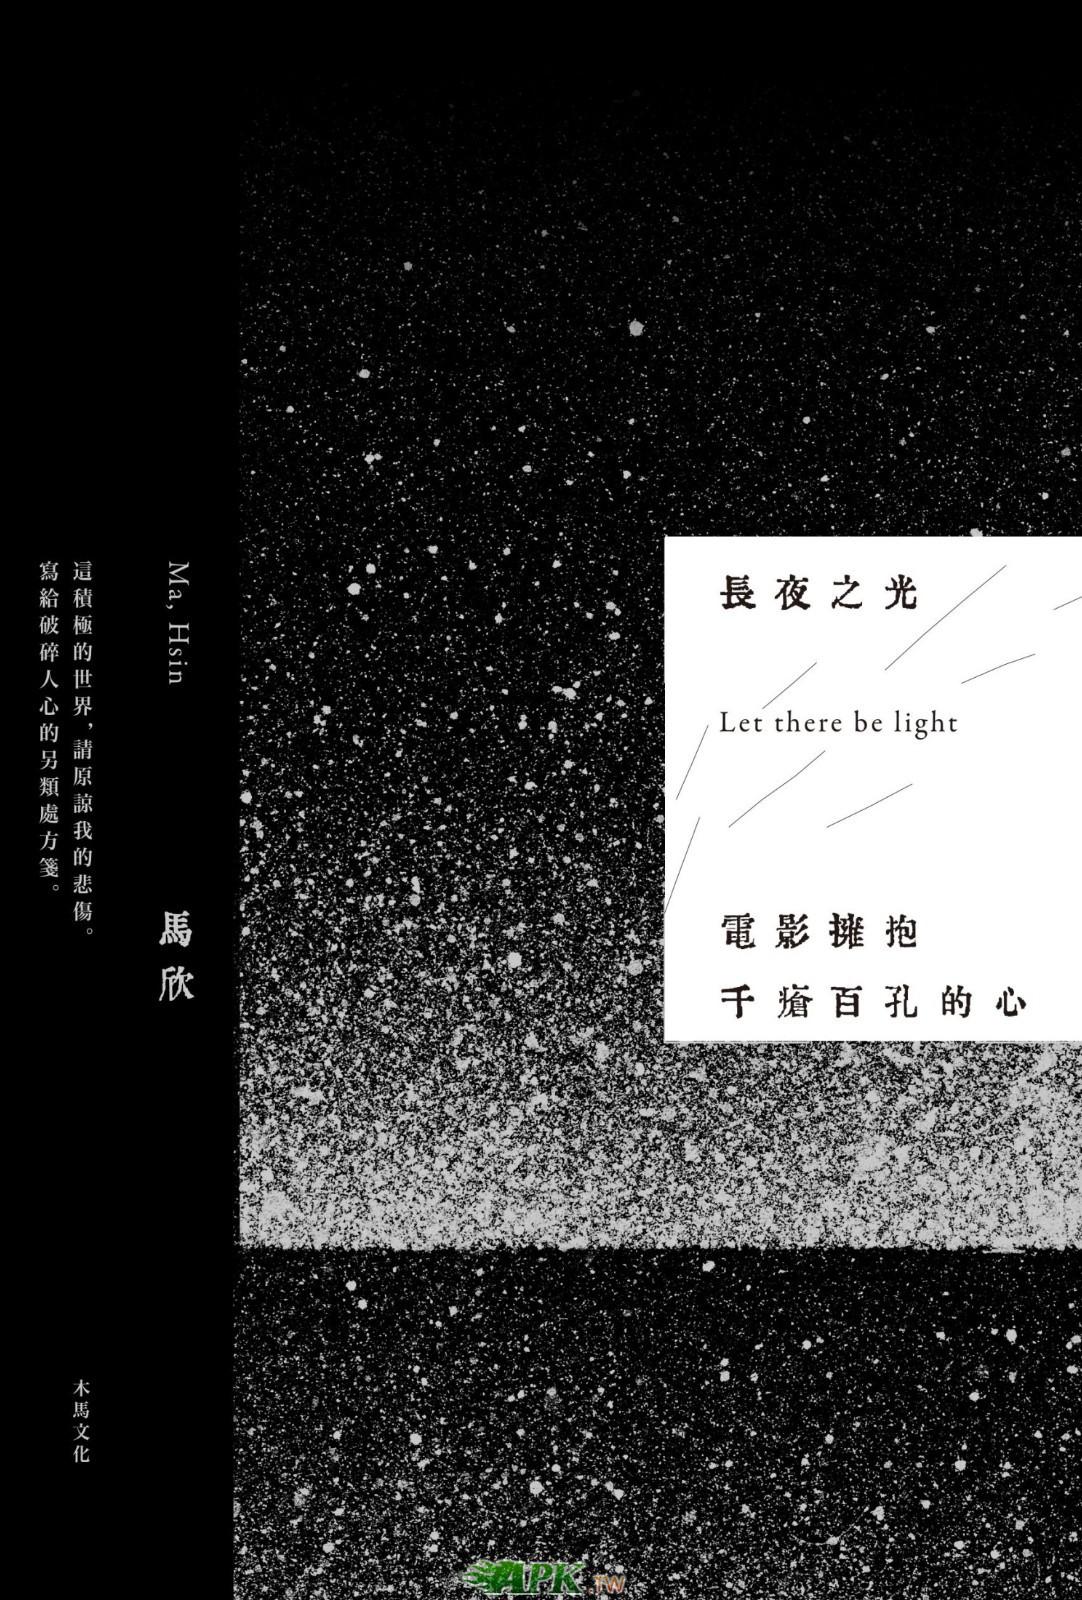 馬欣《長夜之光:電影擁抱千瘡百孔的心》.jpg